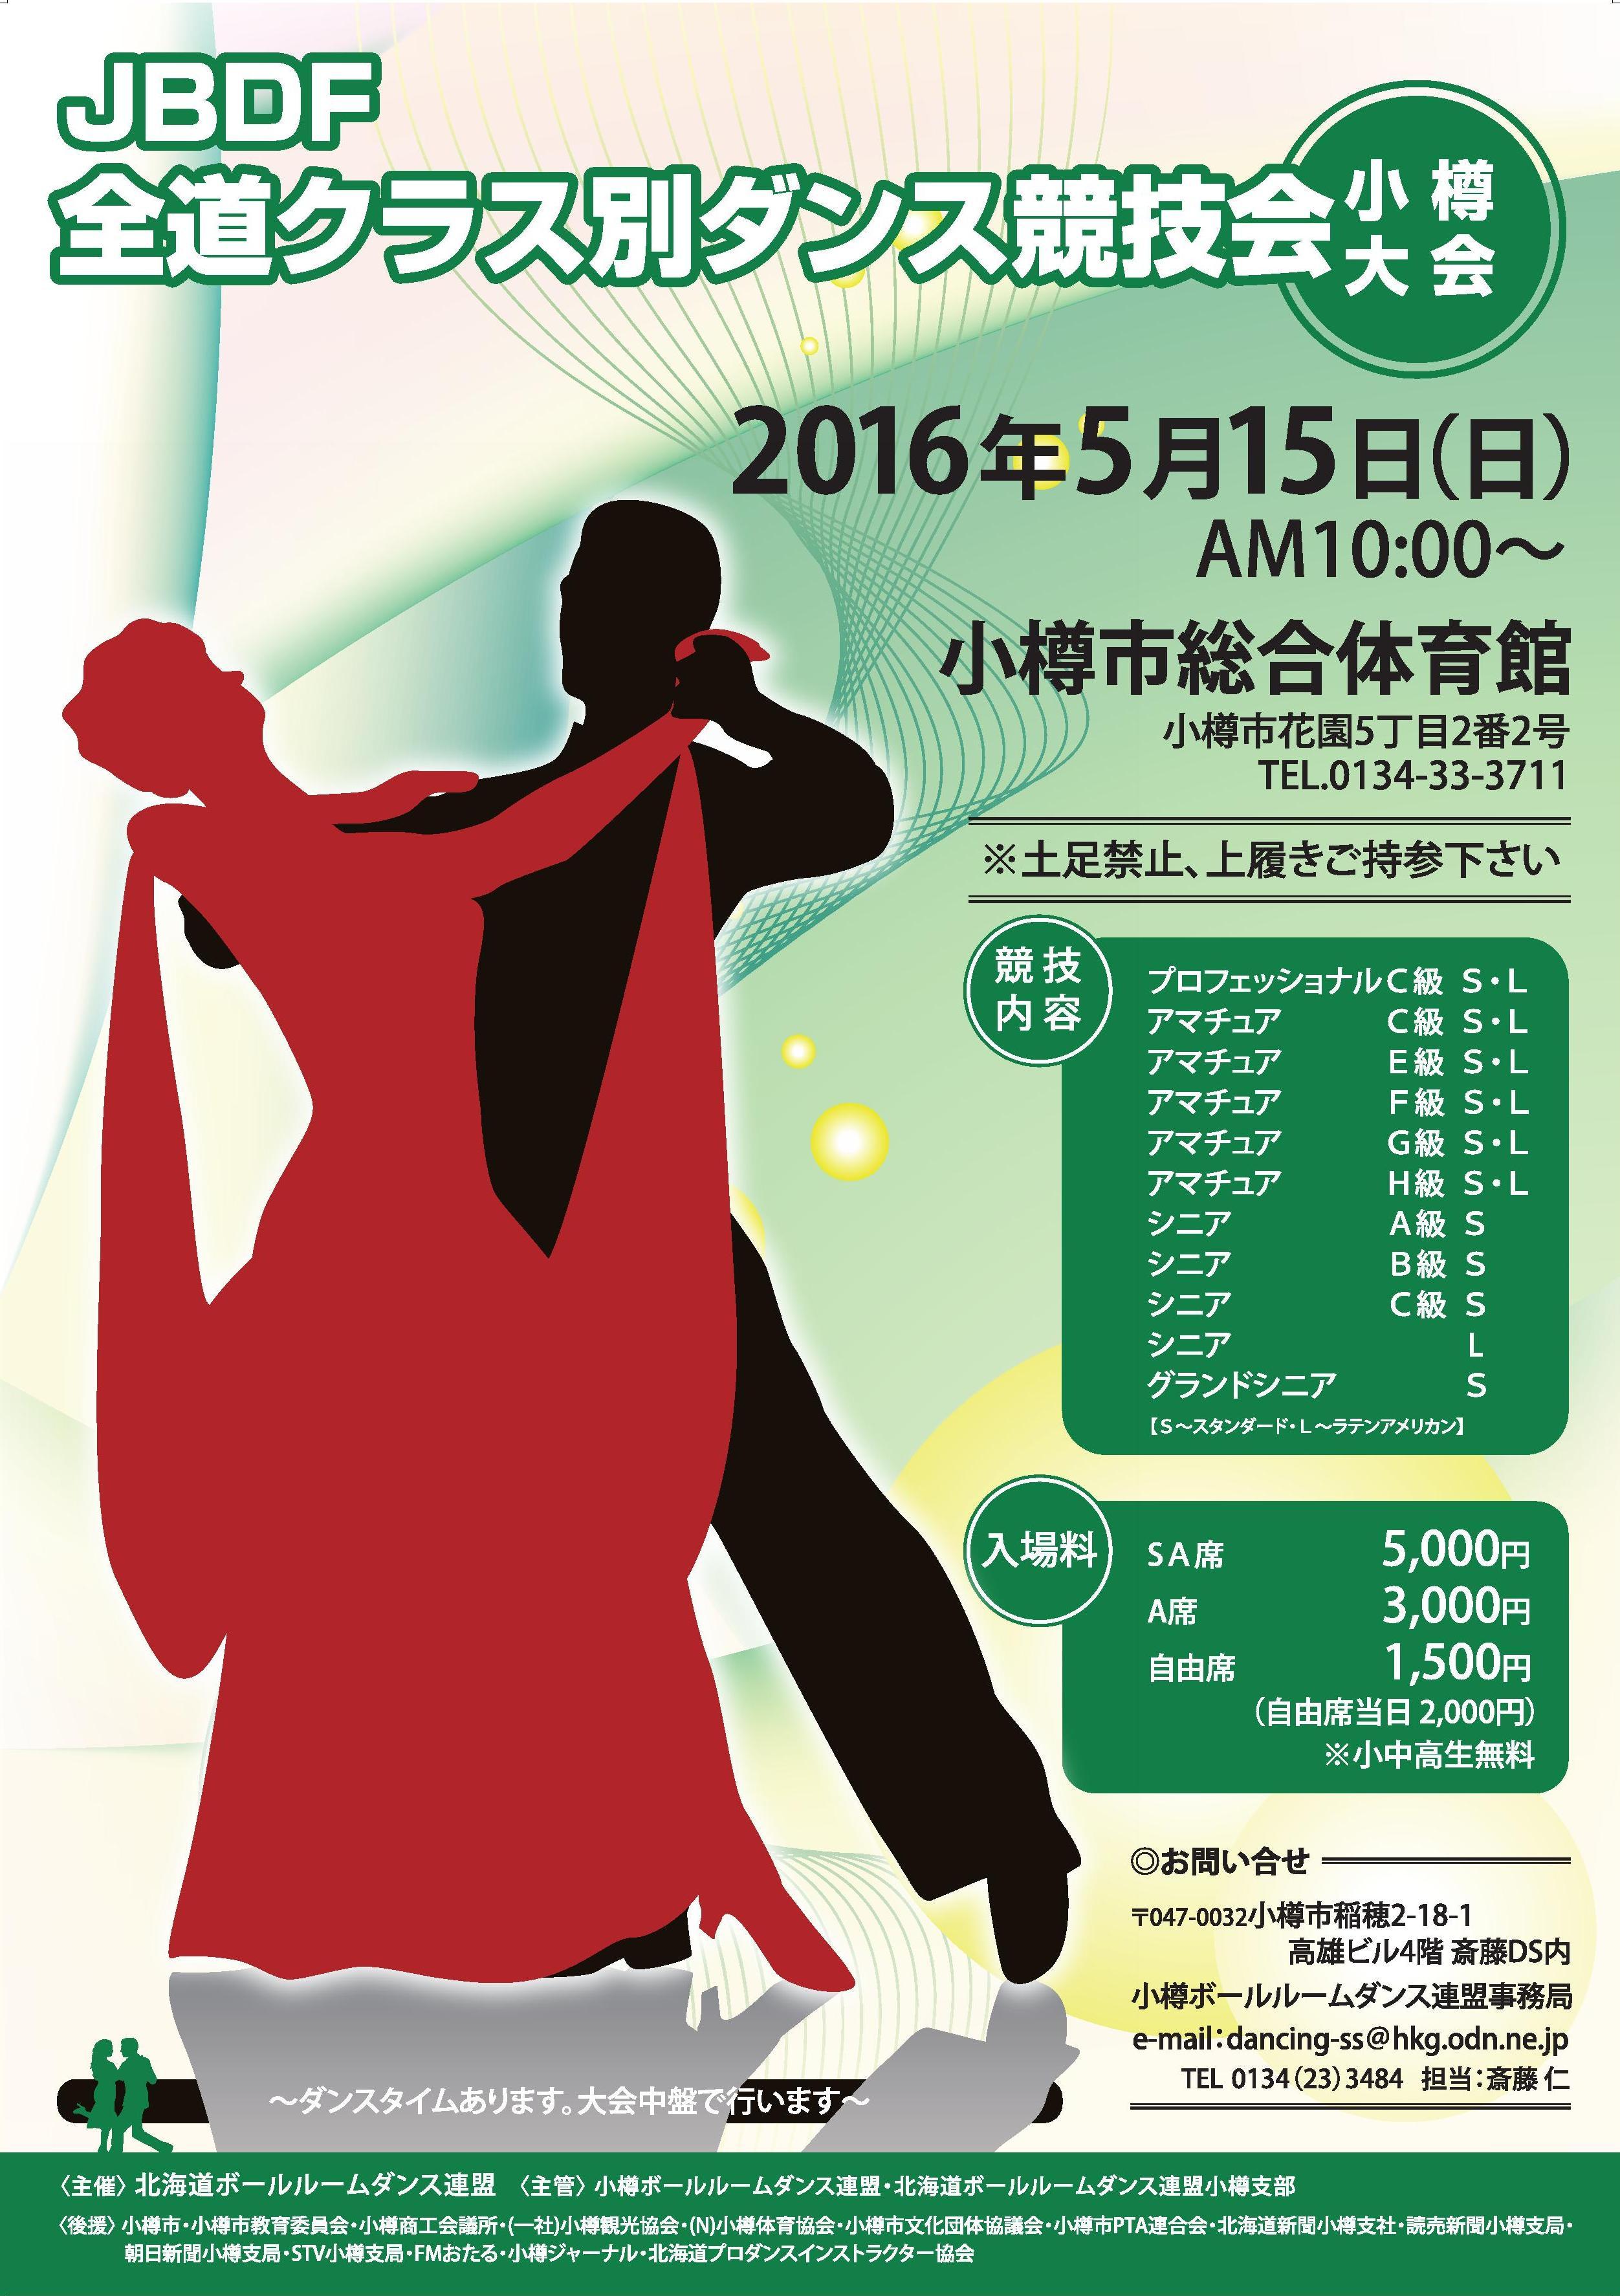 全道クラス別ダンス競技会小樽大会 in 小樽市総合体育館 2016年5月15日